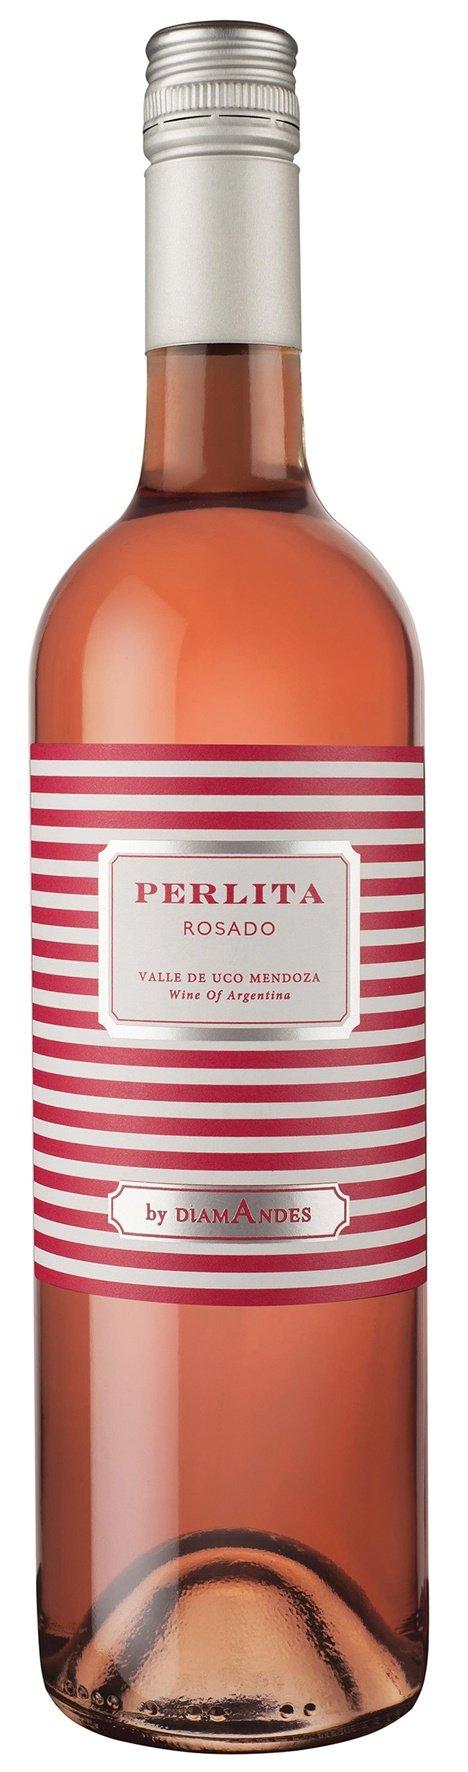 6x-075l-2017er-Perlita-Rosado-Valle-de-Uco-Mendoza-Argentinien-Ros-Wein-trocken